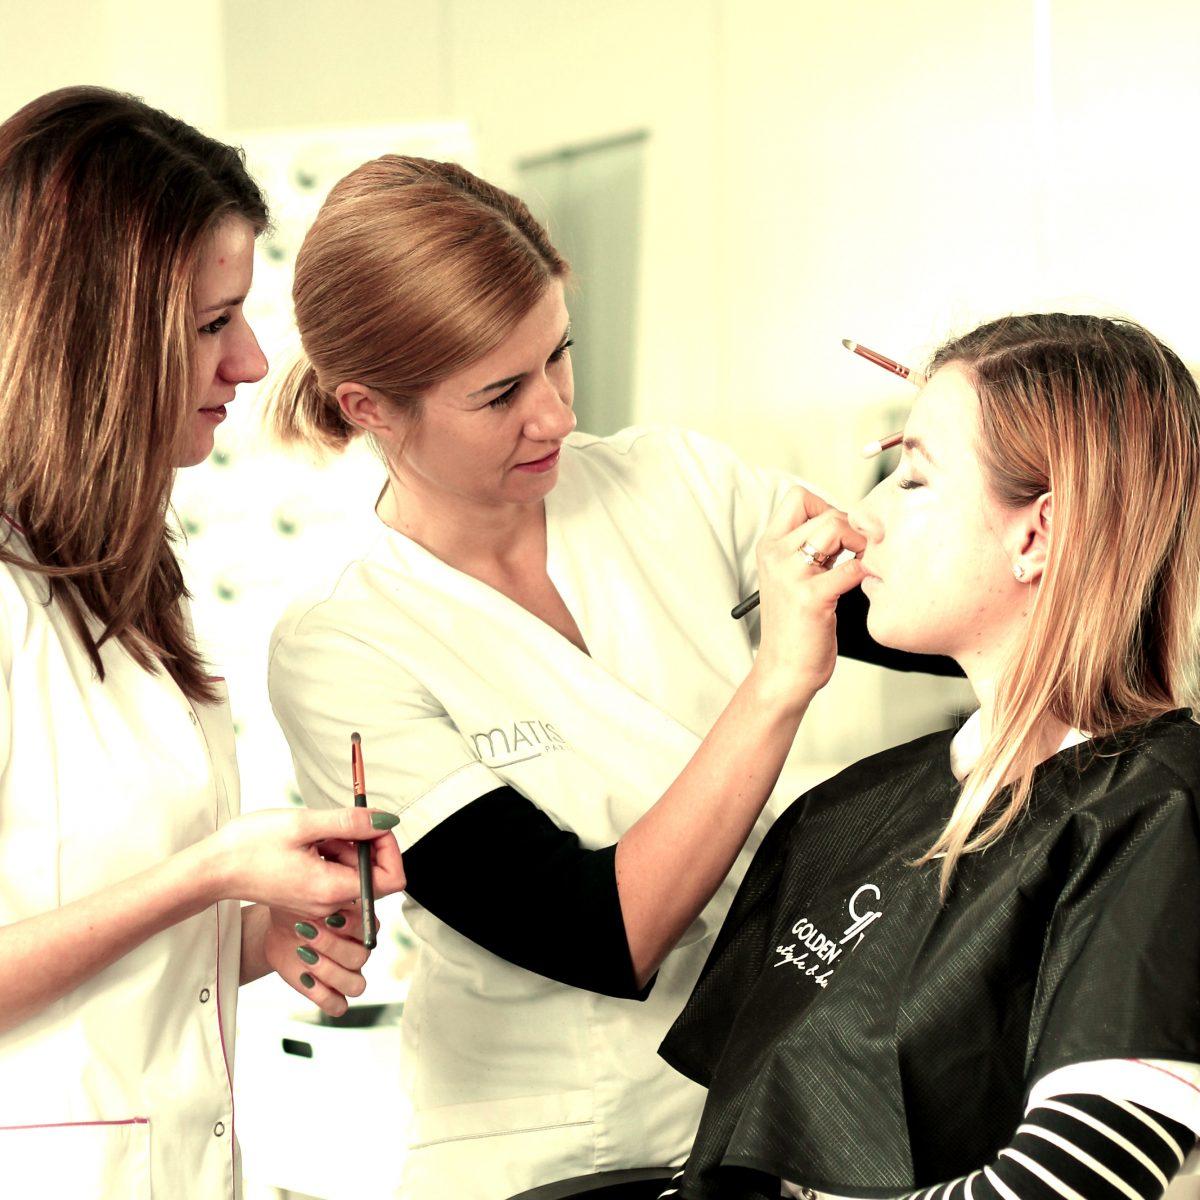 Marka kosmetyczna Golden Rose partnerem szkoły Avangarda w Kaliszu. Doposażyliśmy pracowanię wizażu.